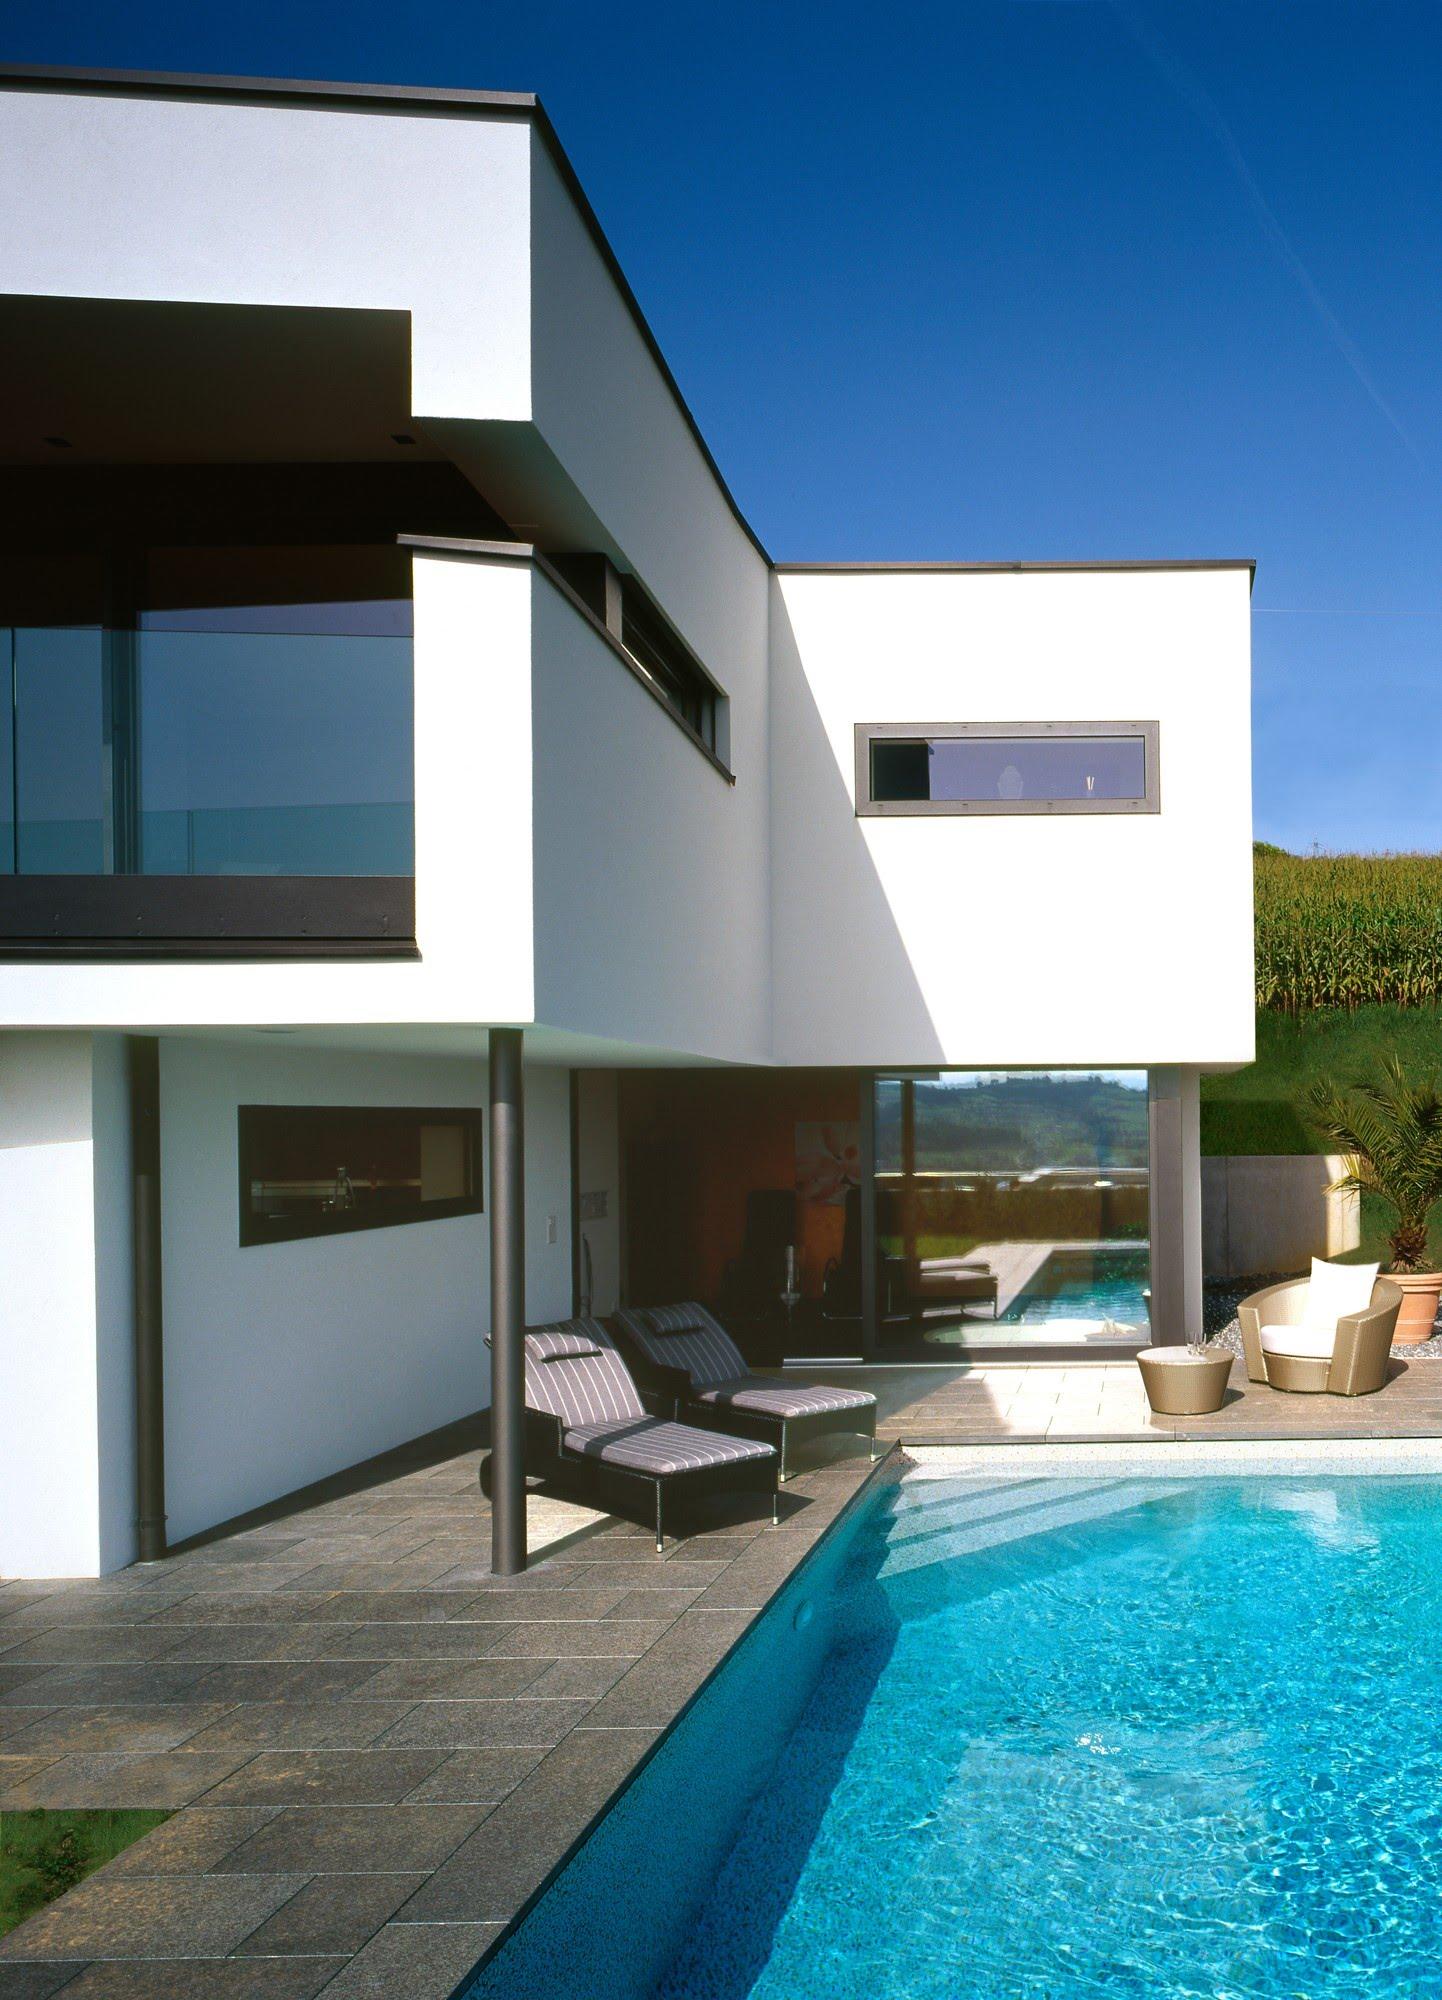 Wohnen EFH EFH am Tannberg Architektur,Wohnungsbau,Wohnhäuser,Einfamilienhäuser,Mehrfamilienhäuser